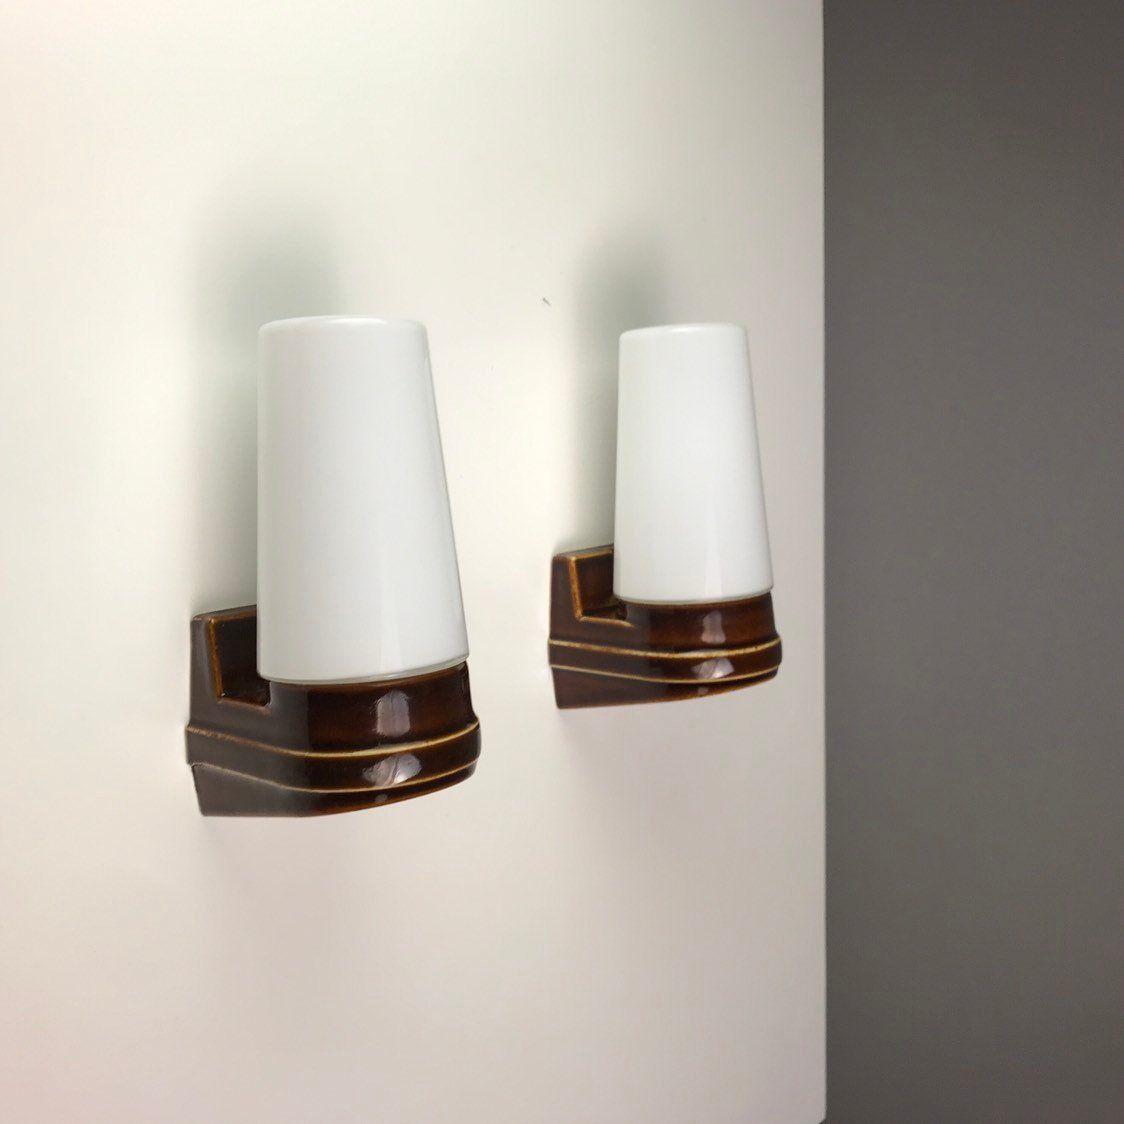 Skandinavische Vintage Wandlampen im Bohemian-Stil von IFÖ, 2er Set